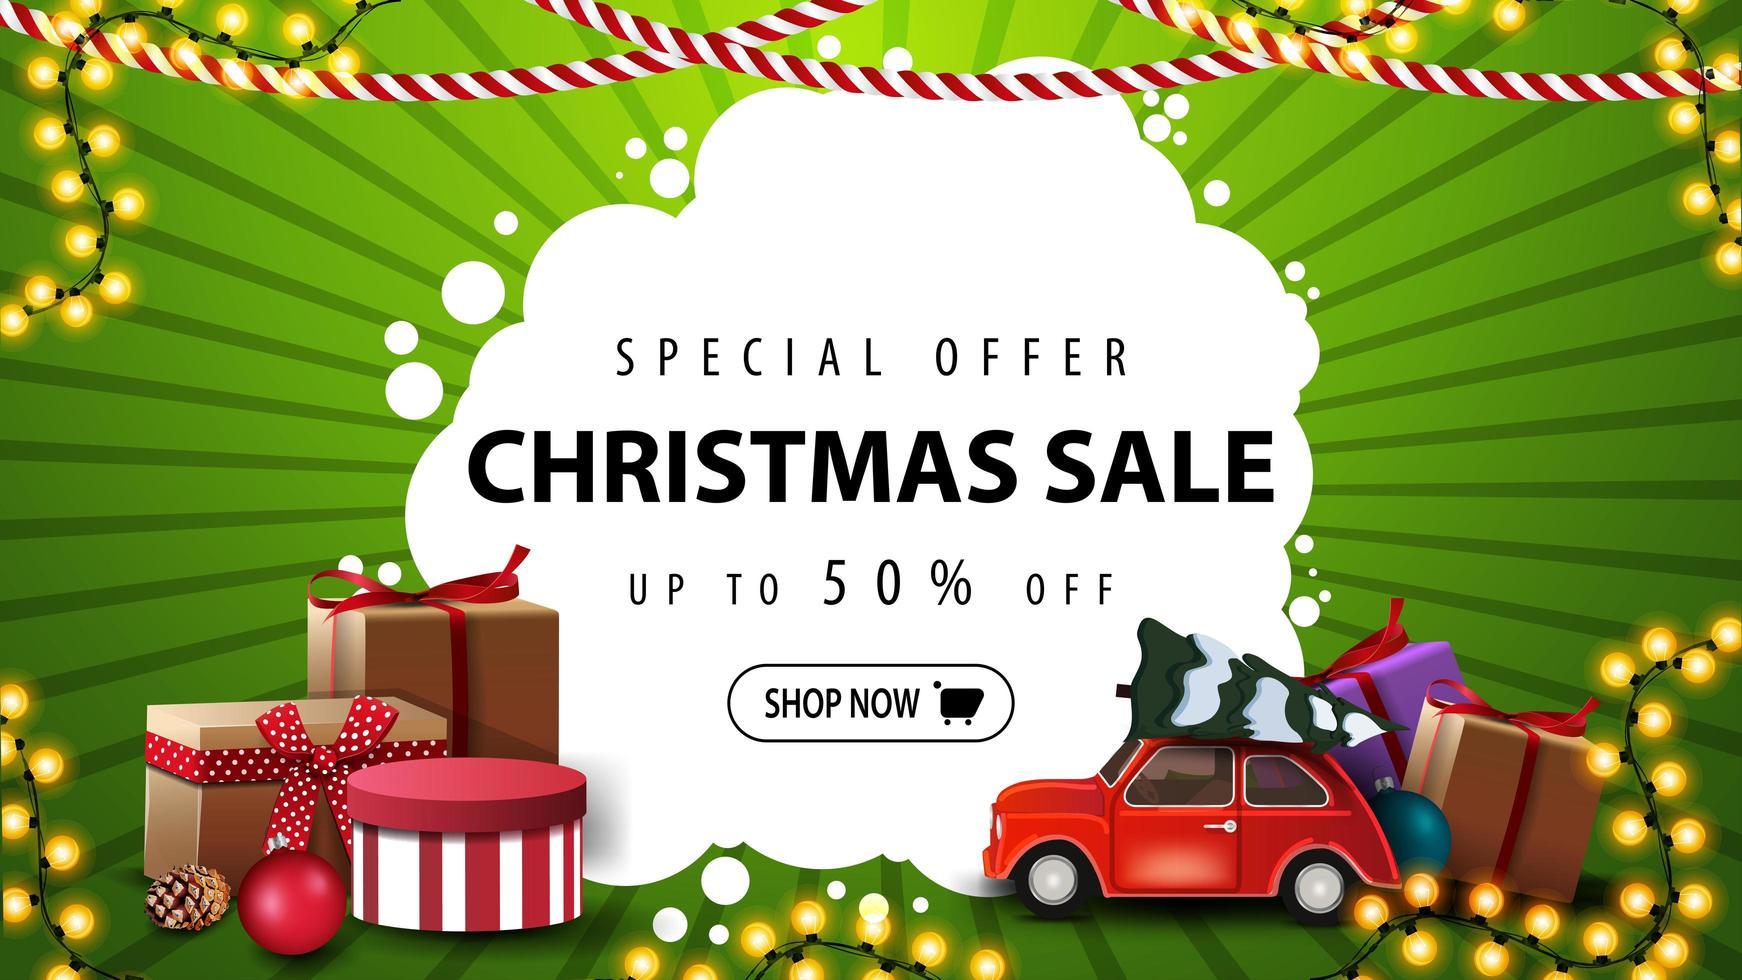 oferta especial, rebajas navideñas, hasta 50 de descuento, pancarta verde y blanca con regalos, guirnalda y un auto antiguo rojo con árbol de navidad vector